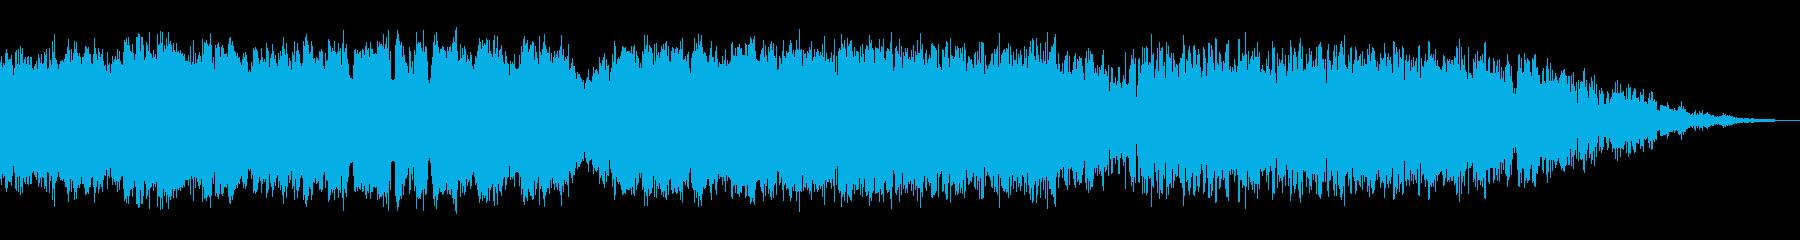 ビッグノイズスワールダウンの再生済みの波形